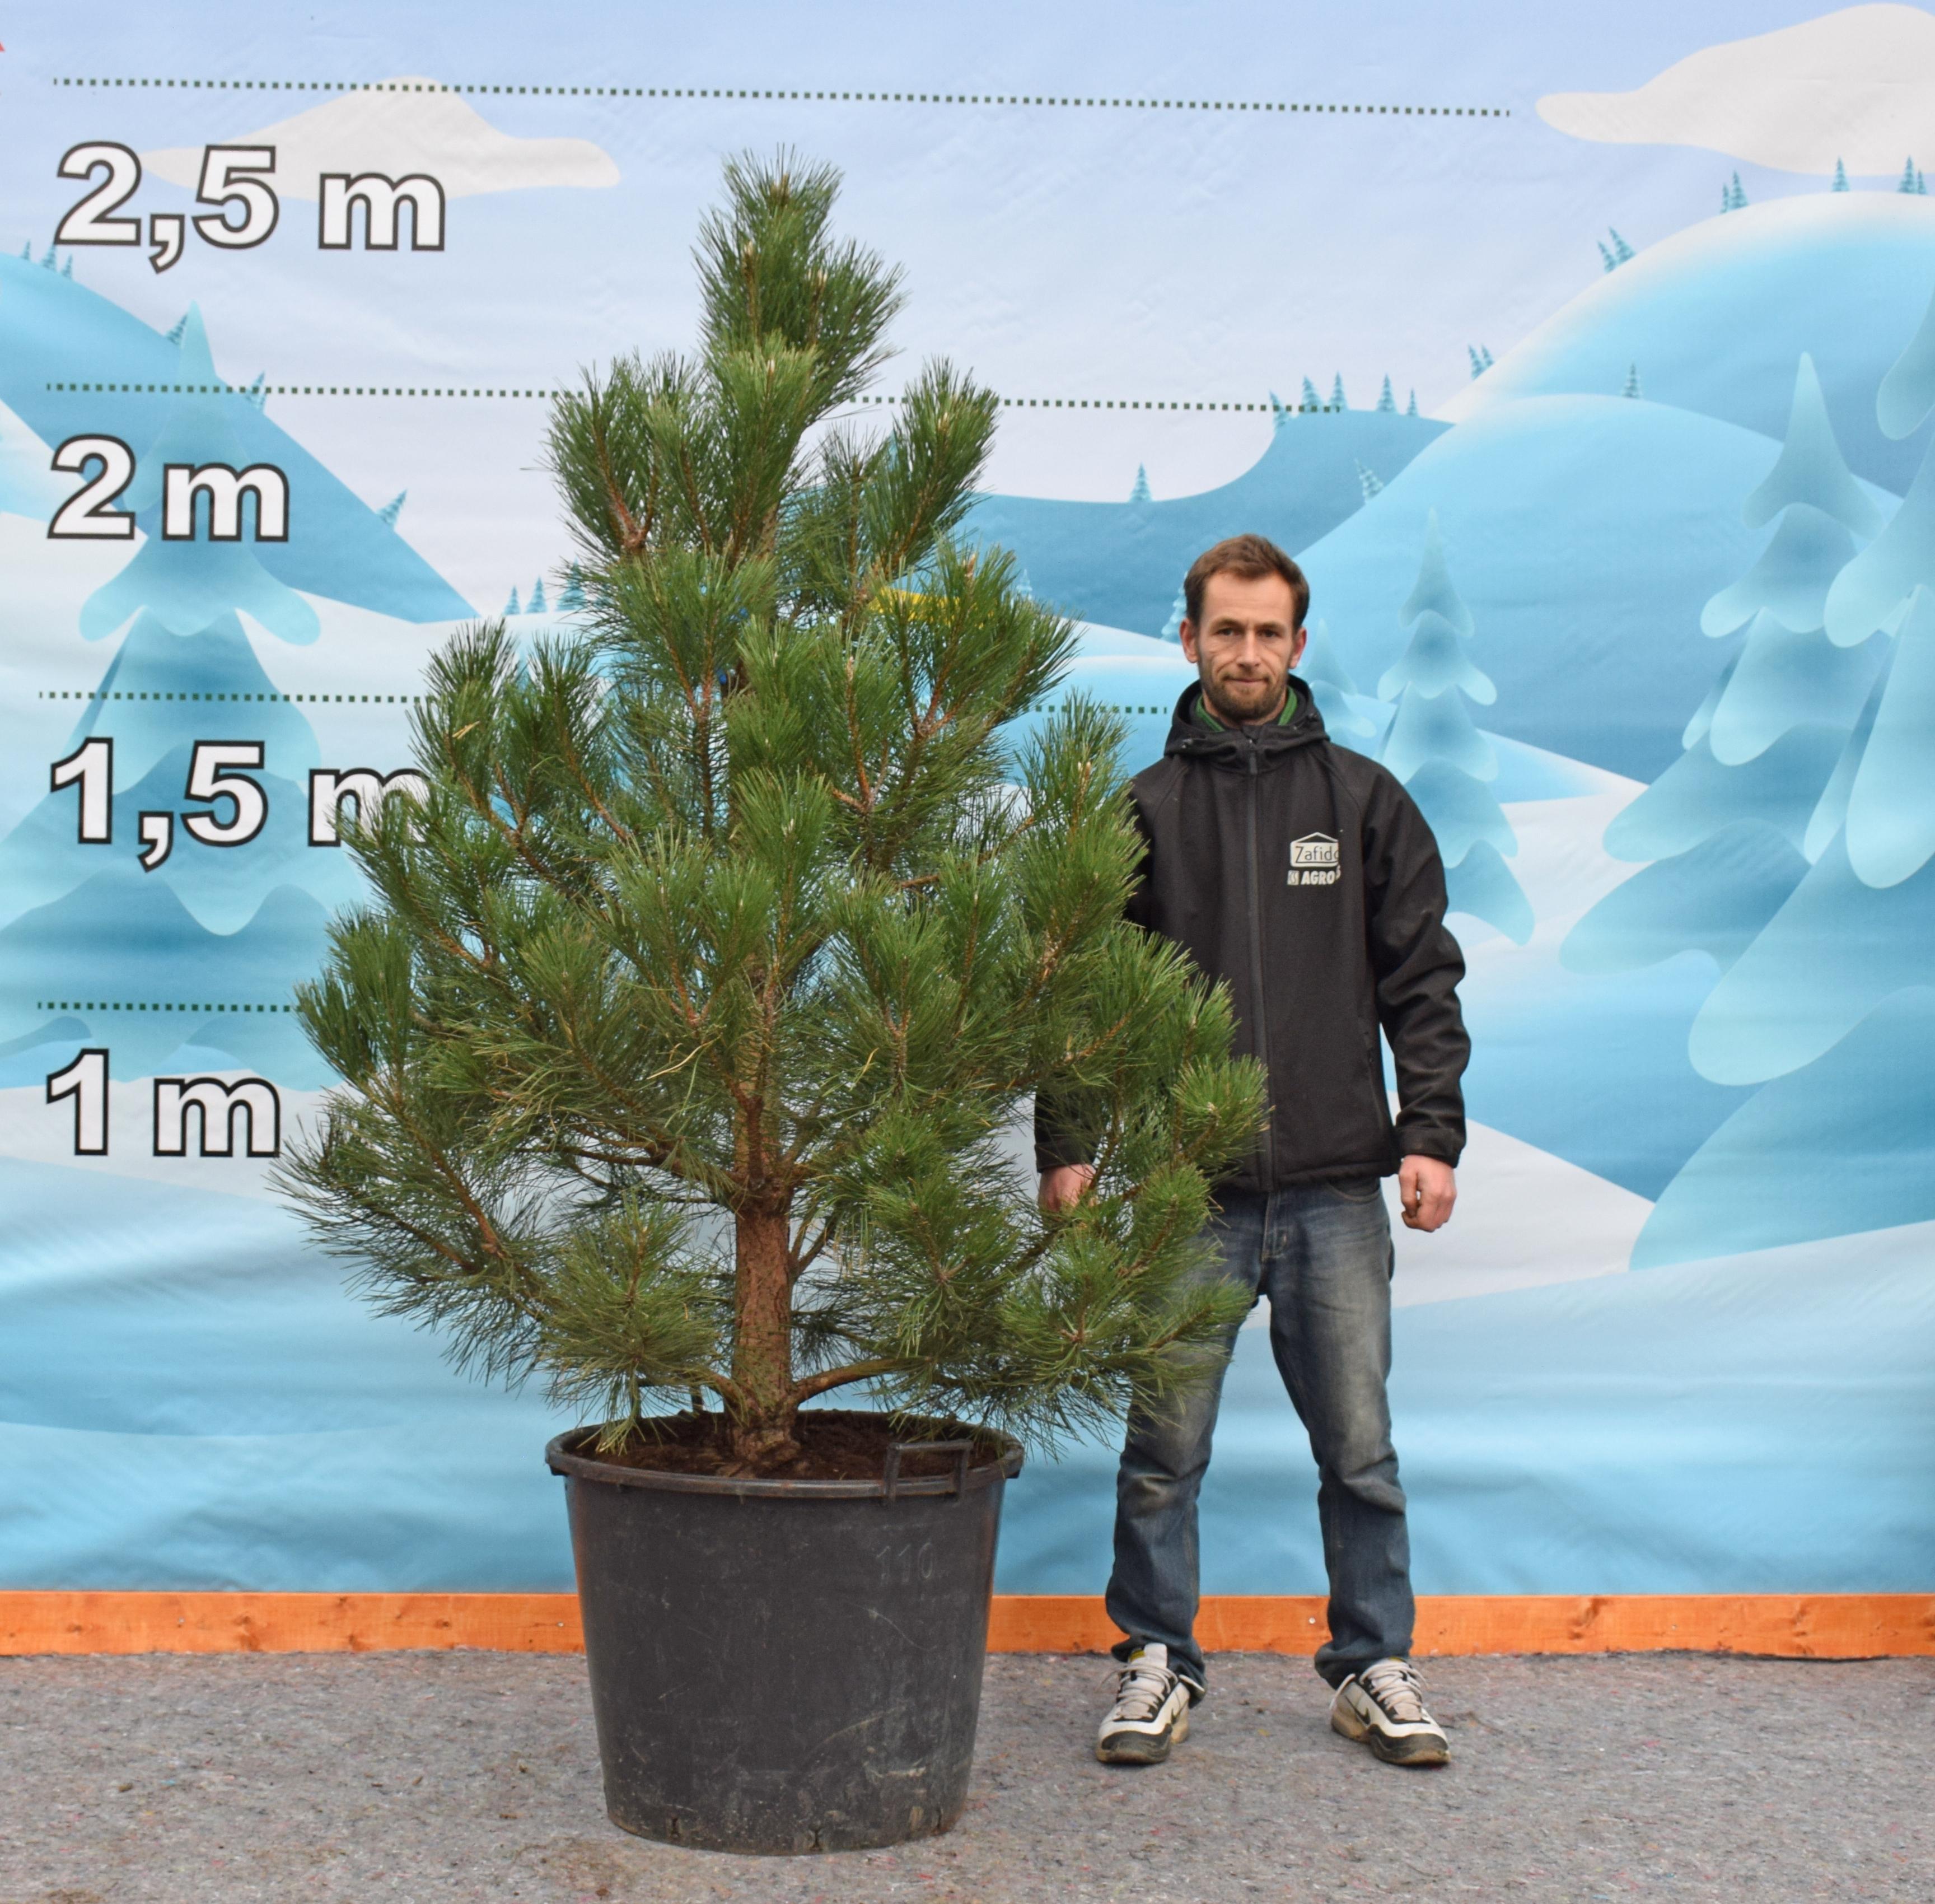 Levně Živý, řezaný Vánoční stromek Stromky v květináčích - Borovice / Borovice kleč Benjamín - 1 490 Kč